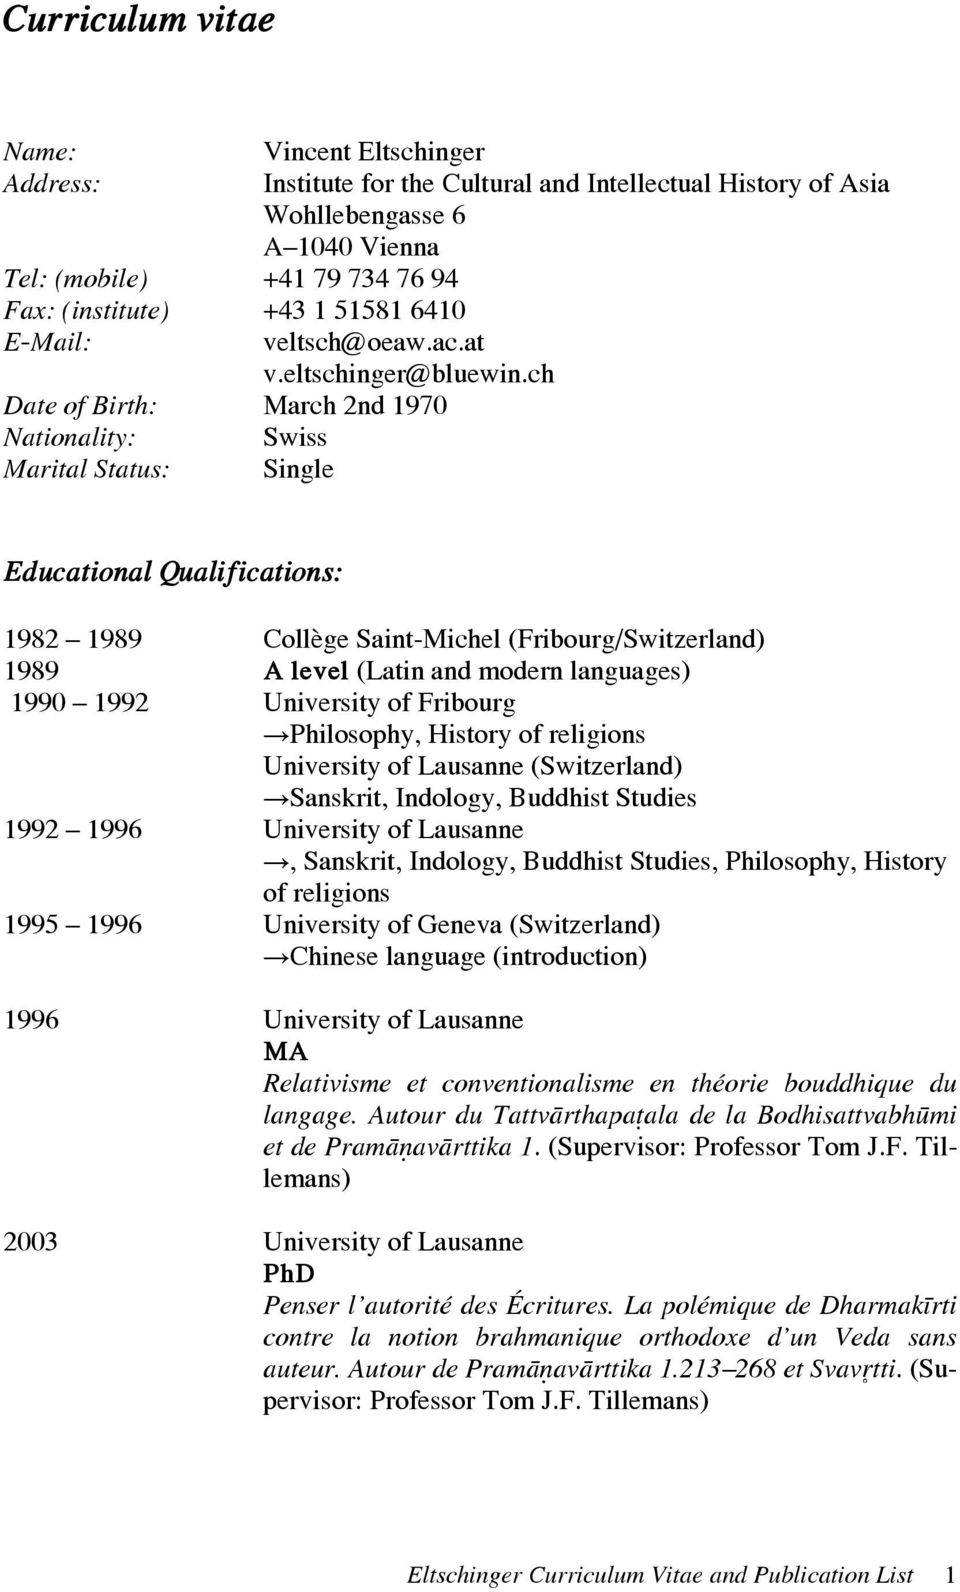 curriculum vitae profil